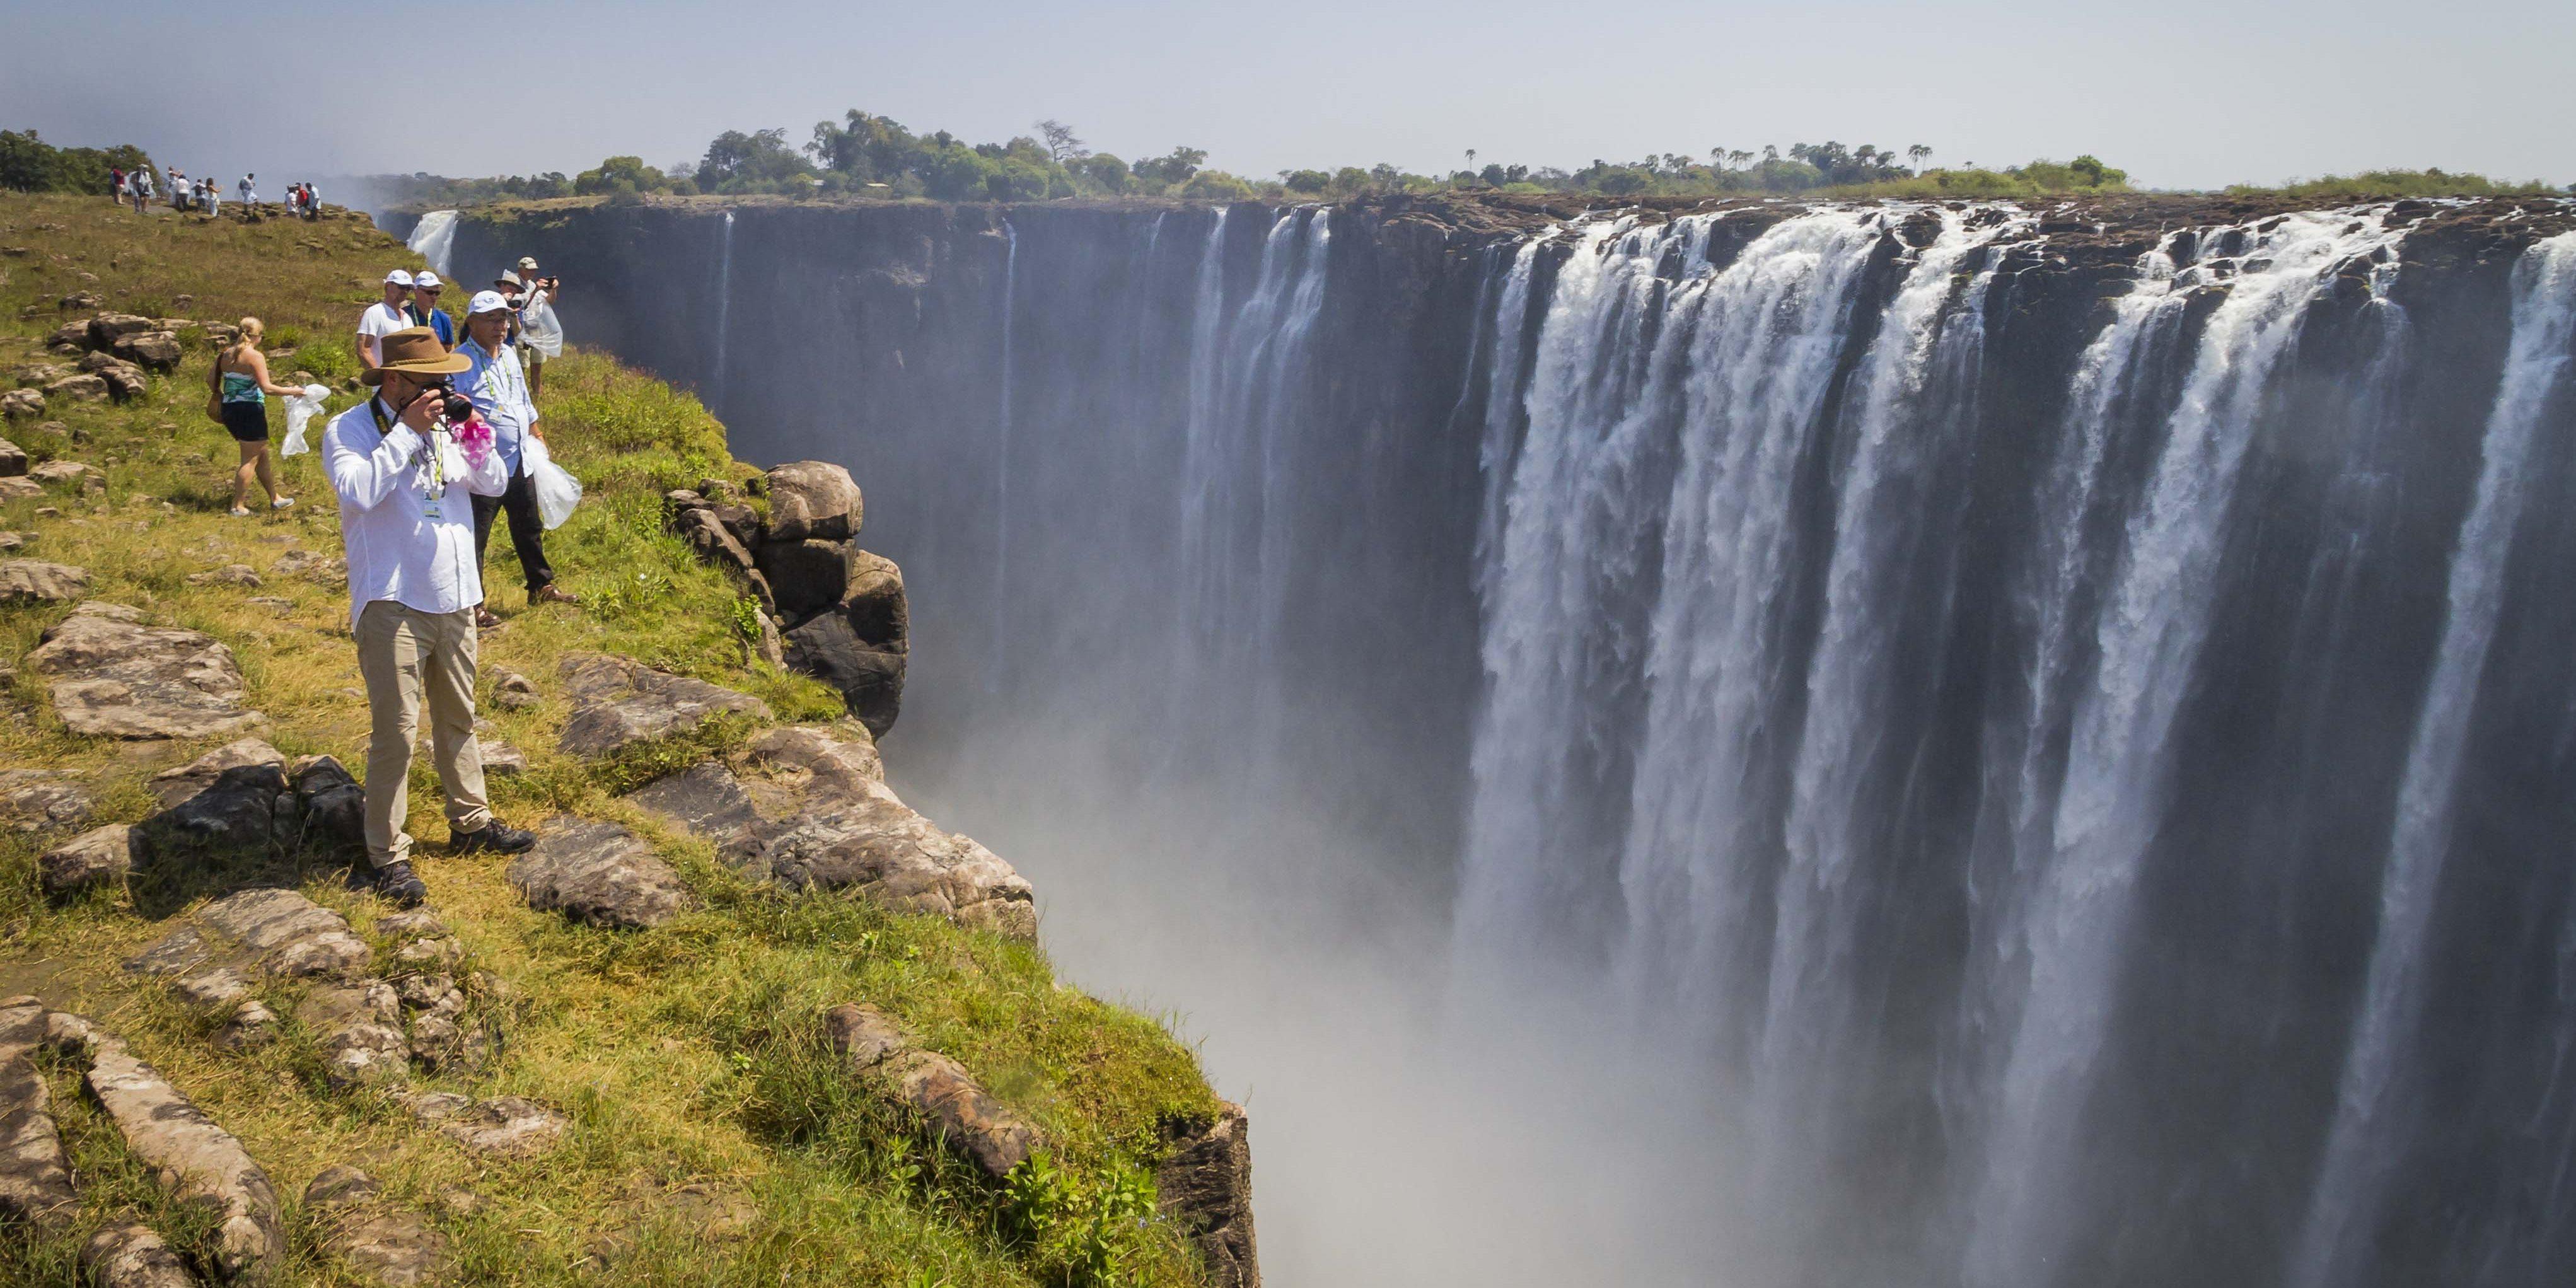 津巴布韋維多利亞瀑布遊覽半日遊